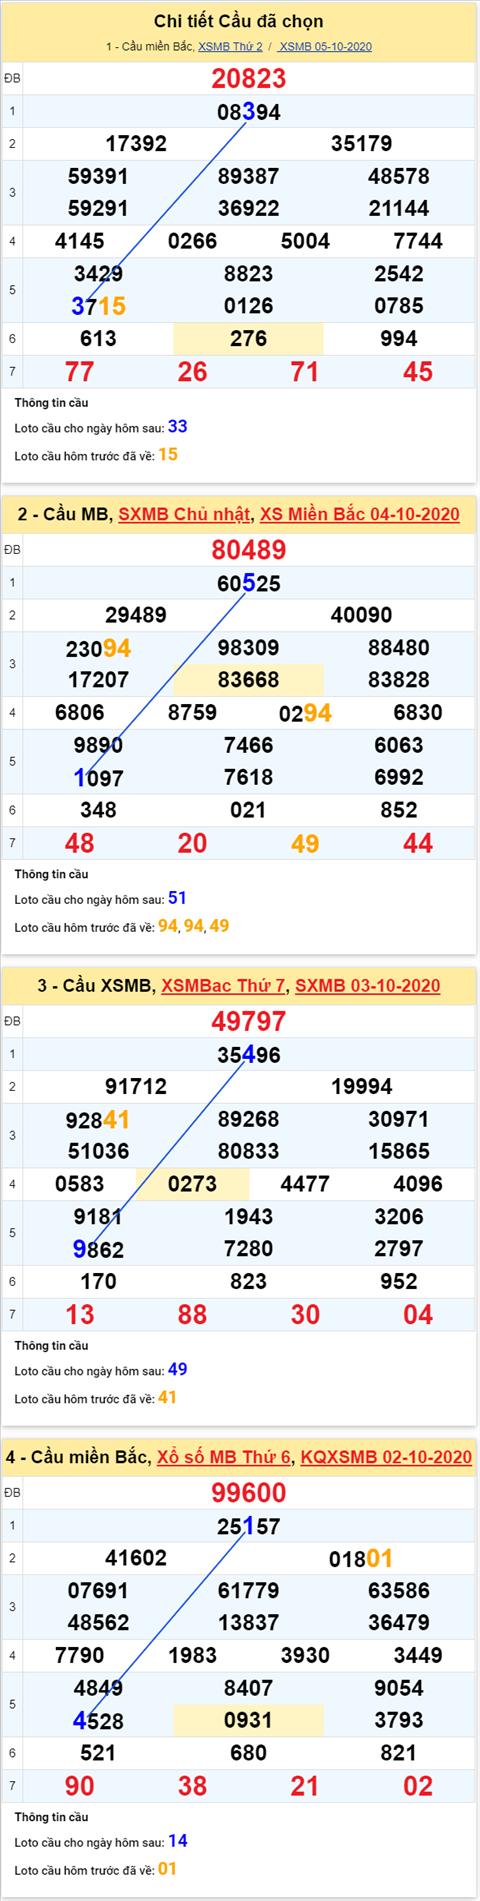 Thong-ke-phan-tich-XSMB-thu-3-ngay-06-10-2020-xs